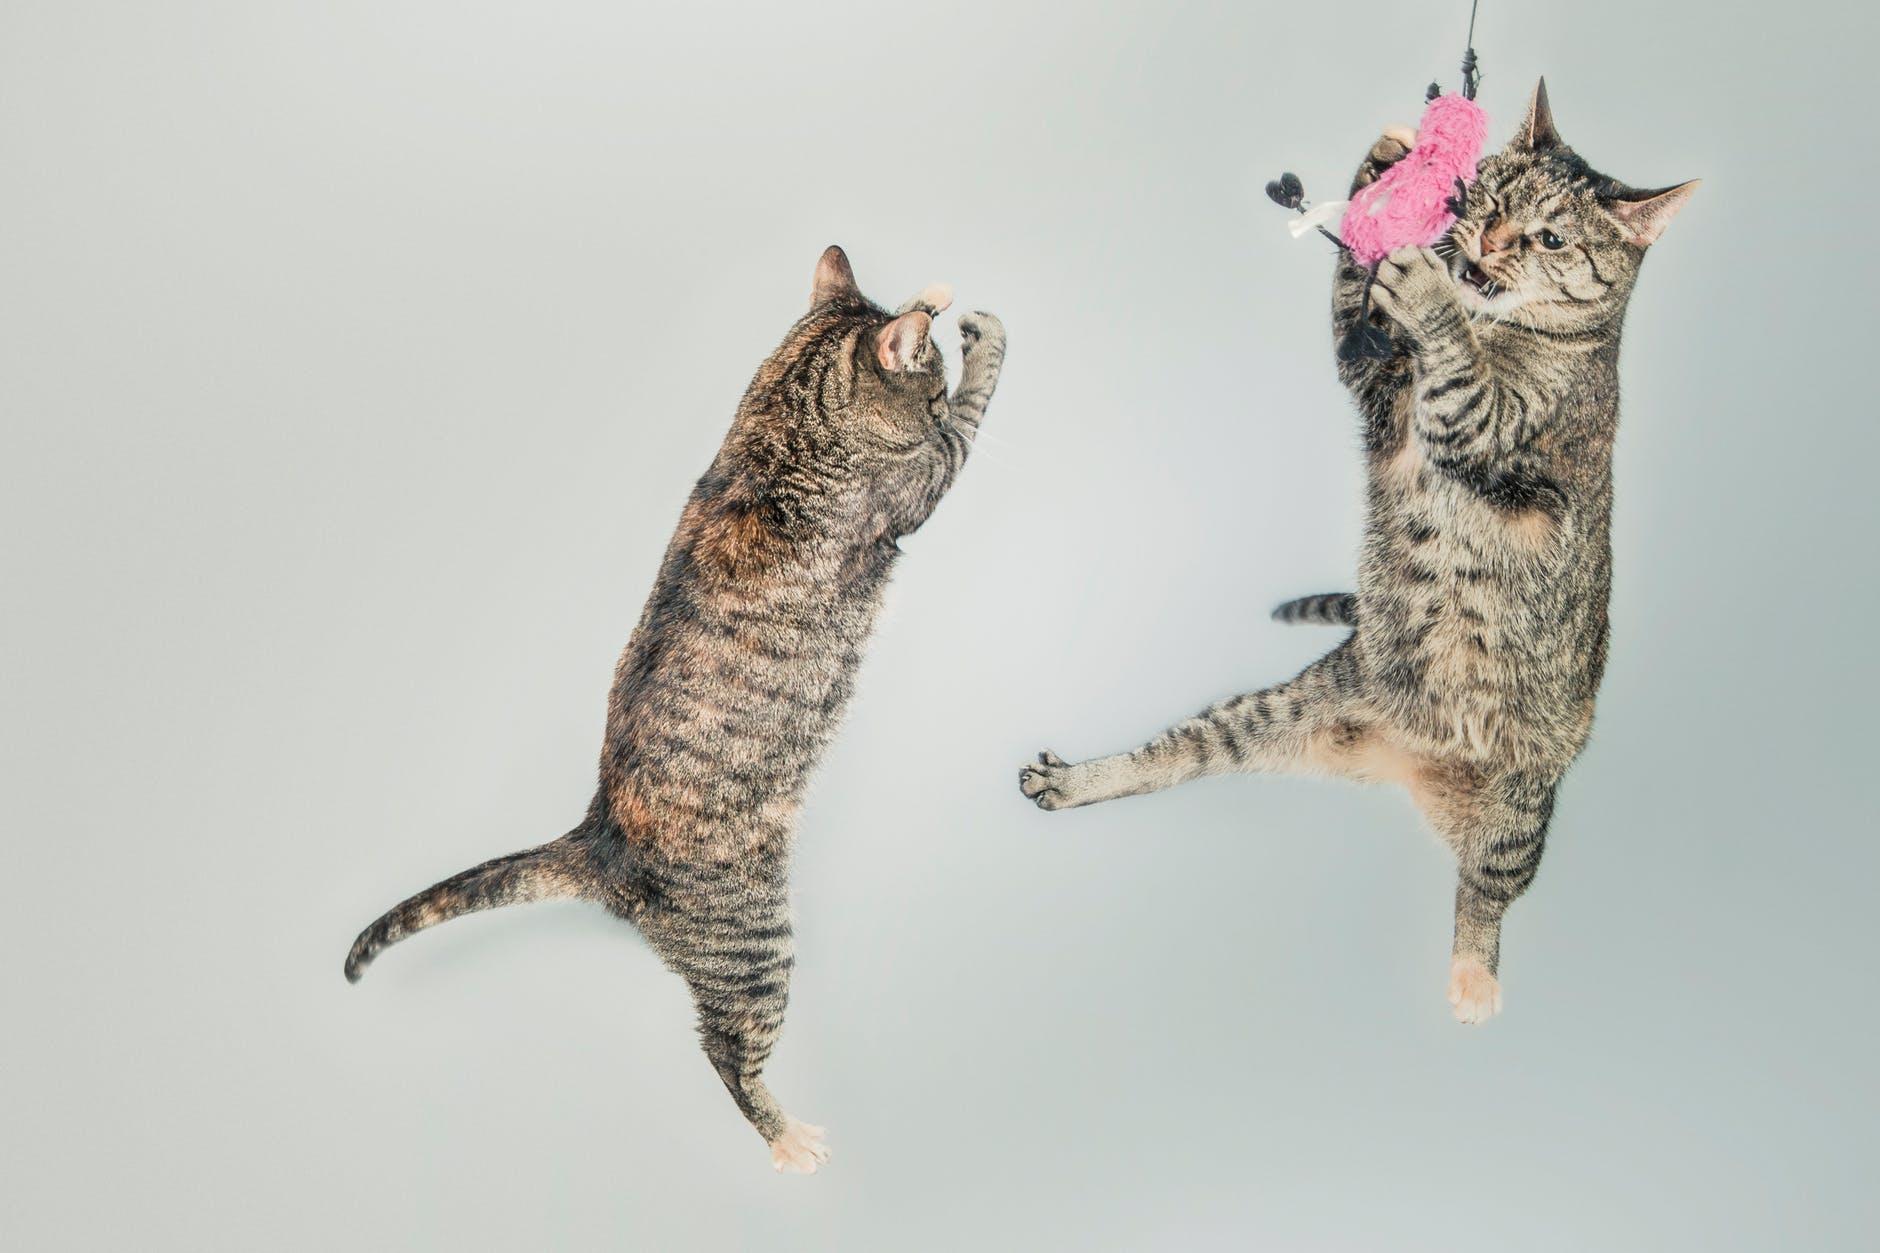 Deux chats bondissent pour attraper un jouet. La limite entre la prédation et le jeu est mince.